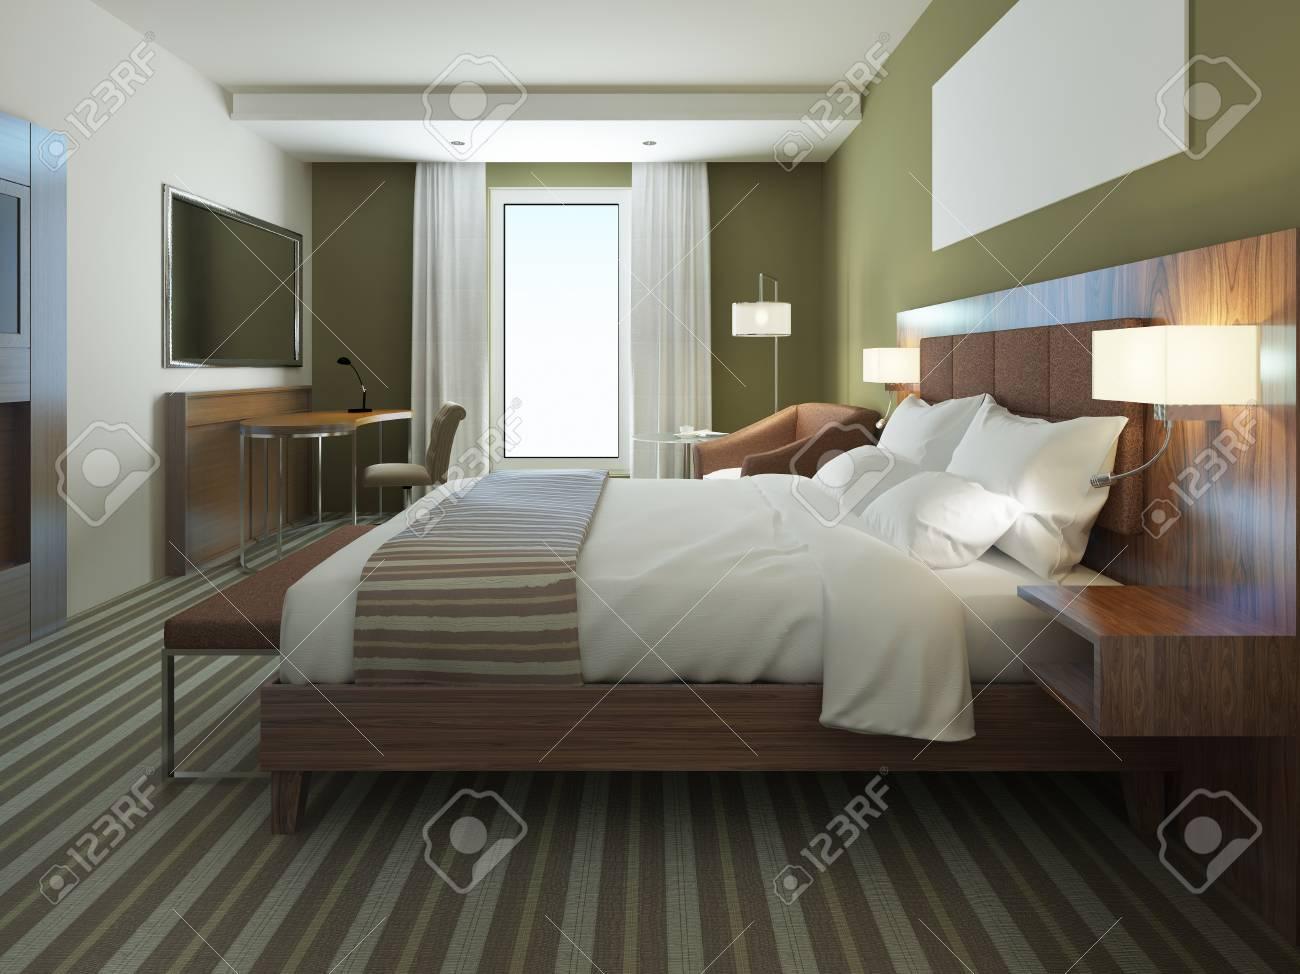 Hermoso Departamento Amueblado, Dormitorio Cómodo. De Color Marrón ...